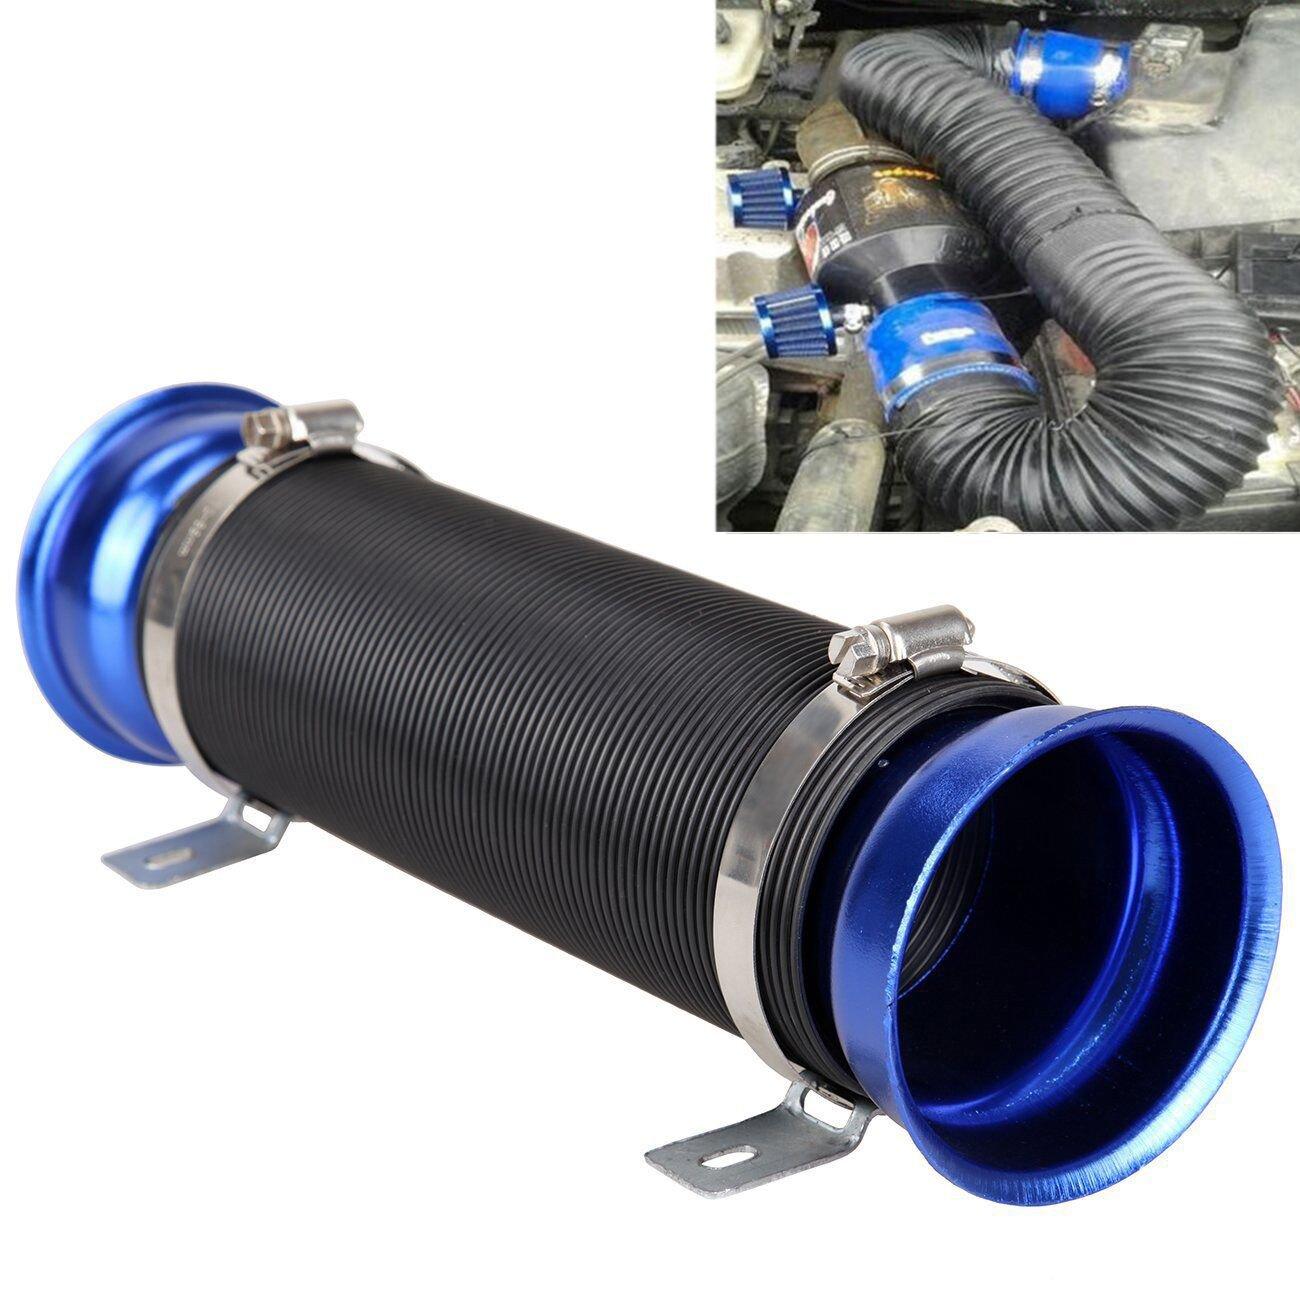 Madlife Garage, kit universale per auto, con tubo flessibile e sistema per l'aspirazione dell'aria fredda (75 mm) con tubo flessibile e sistema per l' aspirazione dell' aria fredda (75 mm)